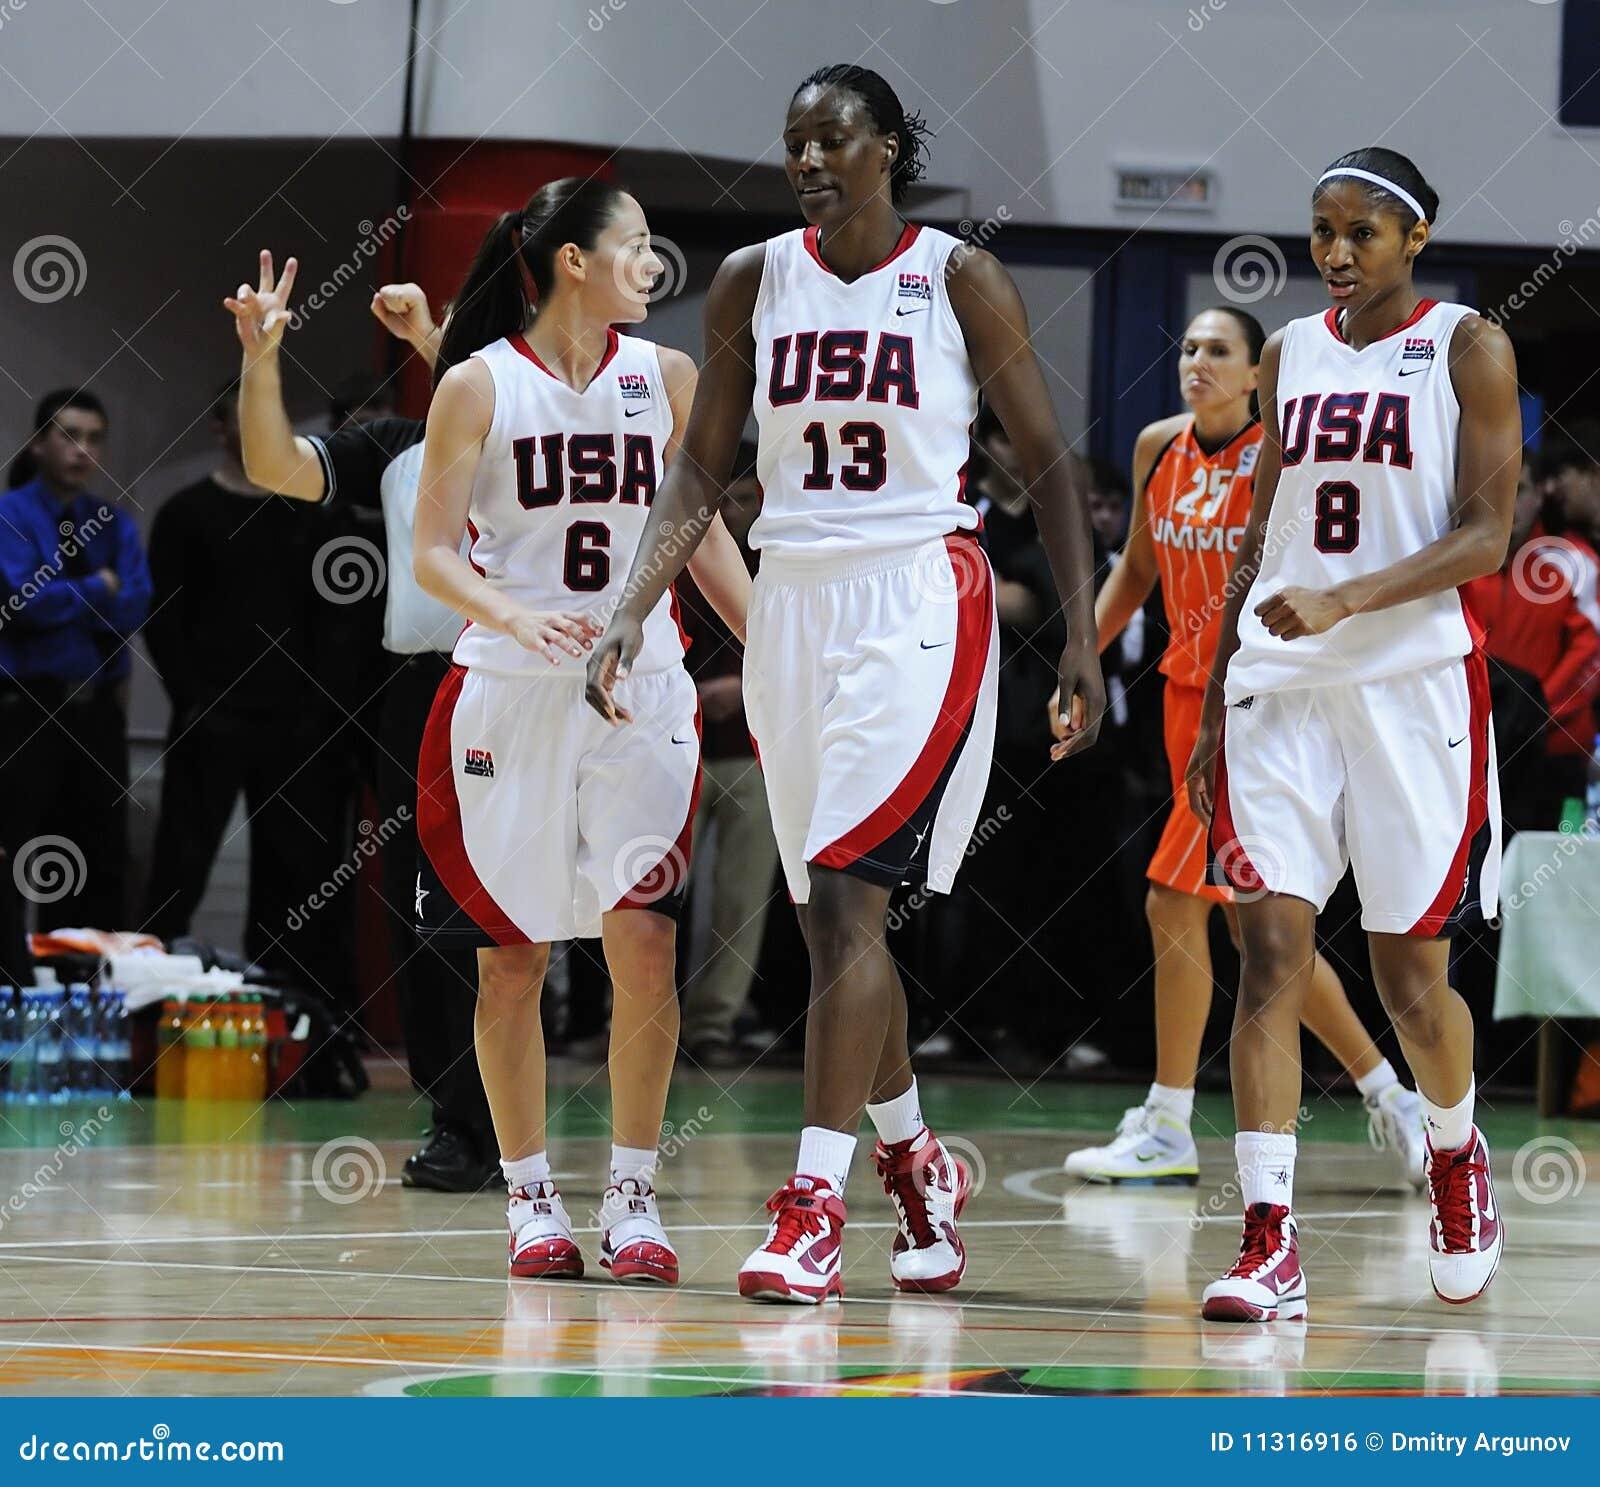 Frauenbasketball. UGMK gegen USA